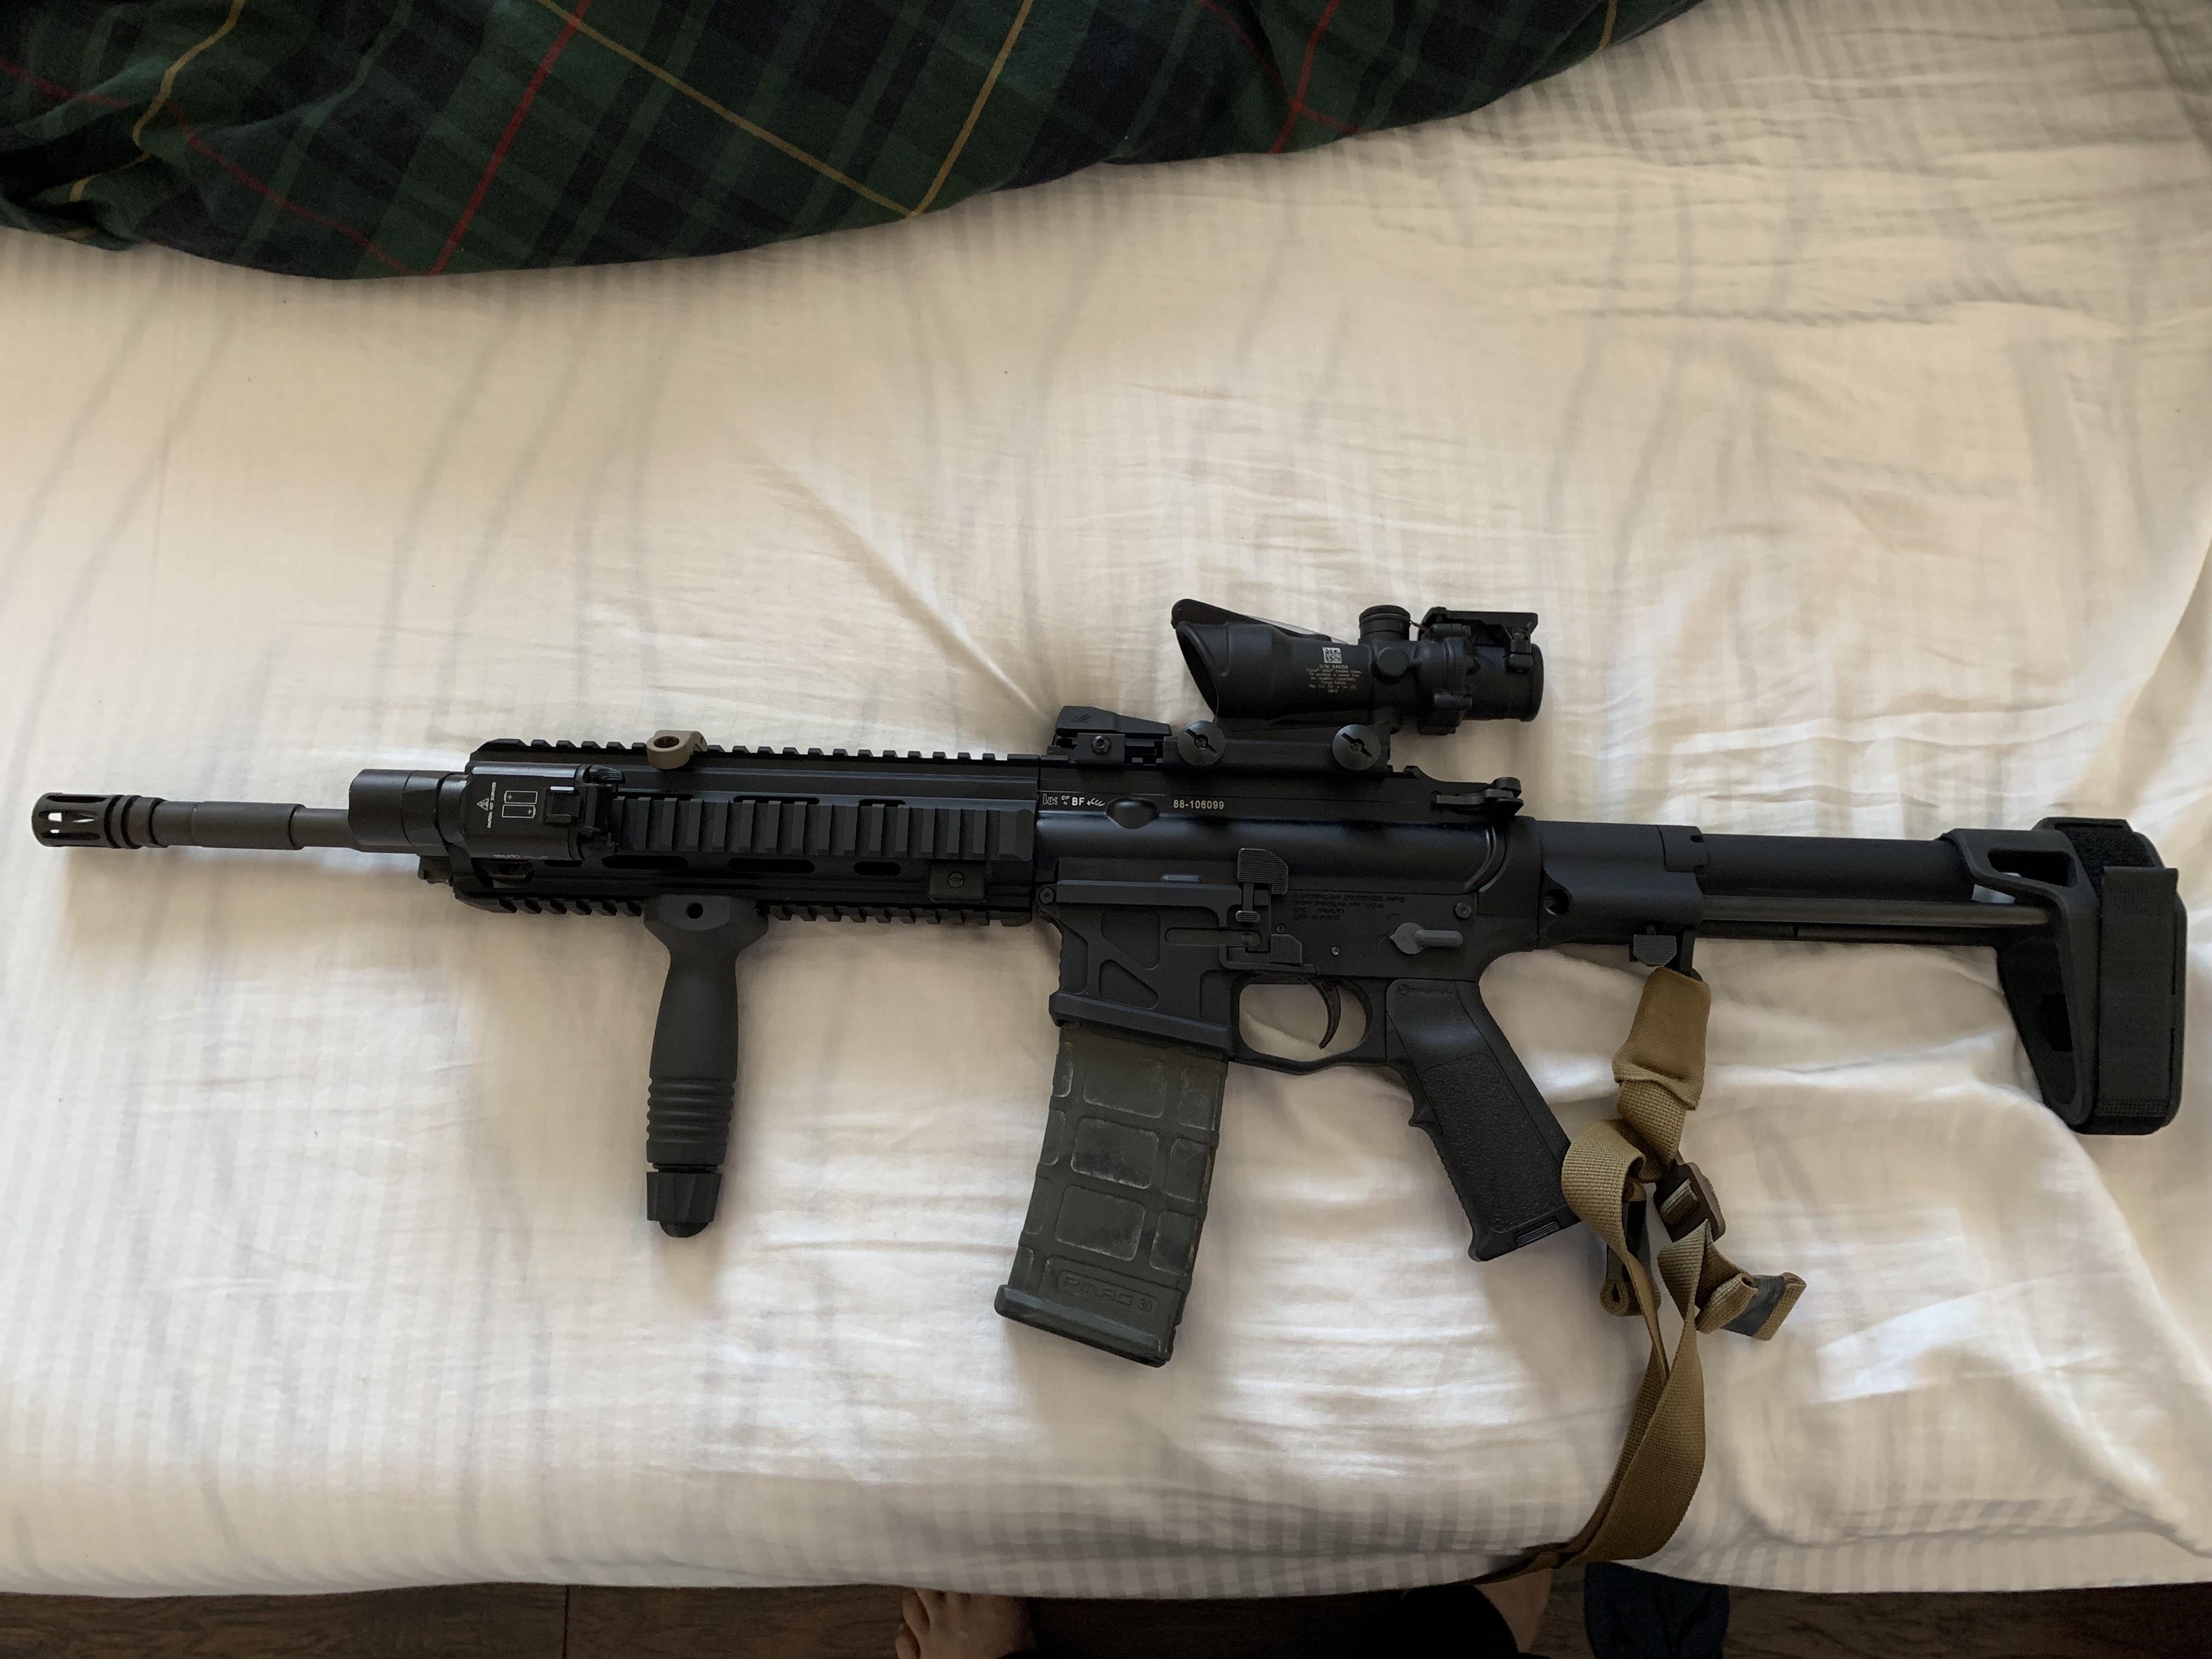 HK 416 14.5in barrel OTB-084faa92-bfe4-4d99-b55e-4bcfd29c869b_1554513669163.jpeg